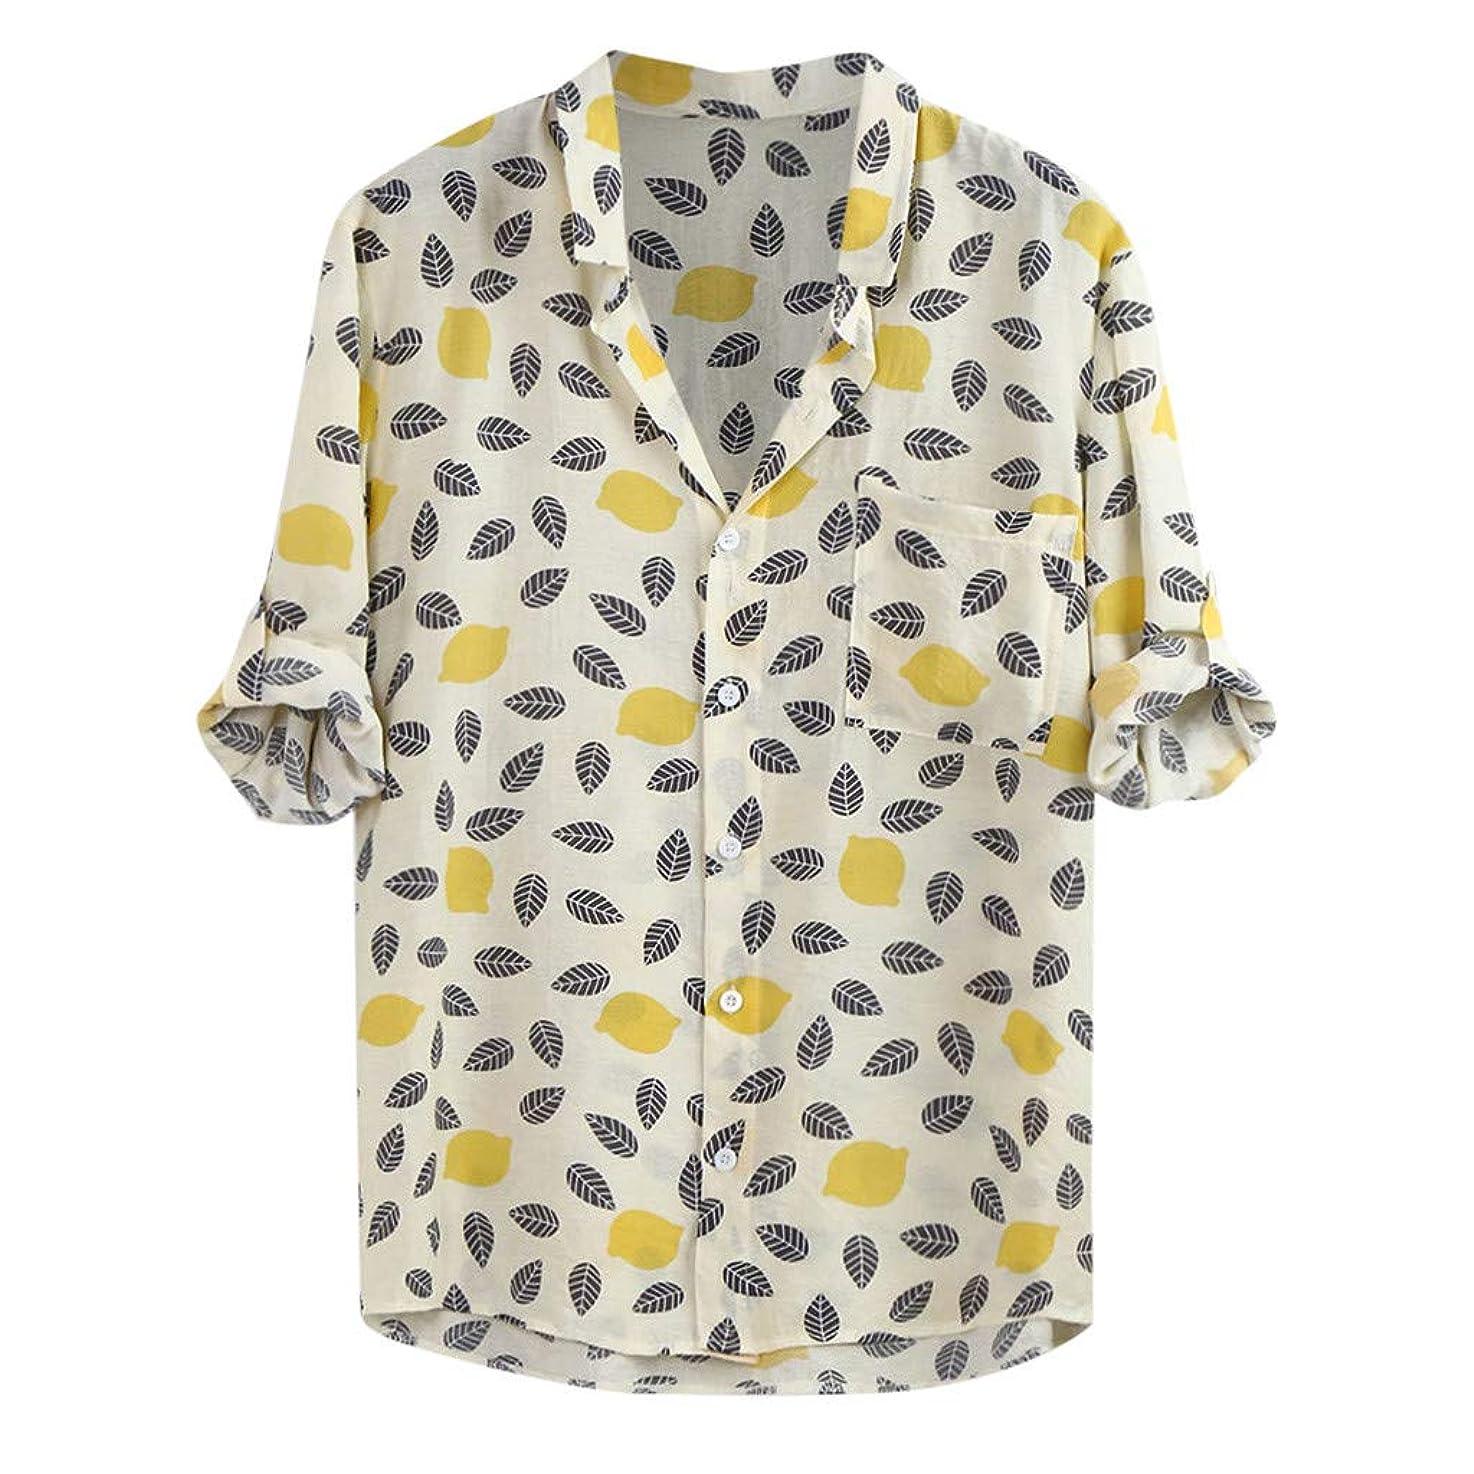 対処苦しむ全能Tivivose シャツ メンズ INS メンズ ラペル ボタン ポケット スリーブプリントルーズ シャツ DIY 吸汗速乾 汗染み防止 快適 軽い 柔らかい かっこいい ワイシャツ 爽やか 無地 細身 おしゃれ 春 夏 秋 冬対応 ビジネス